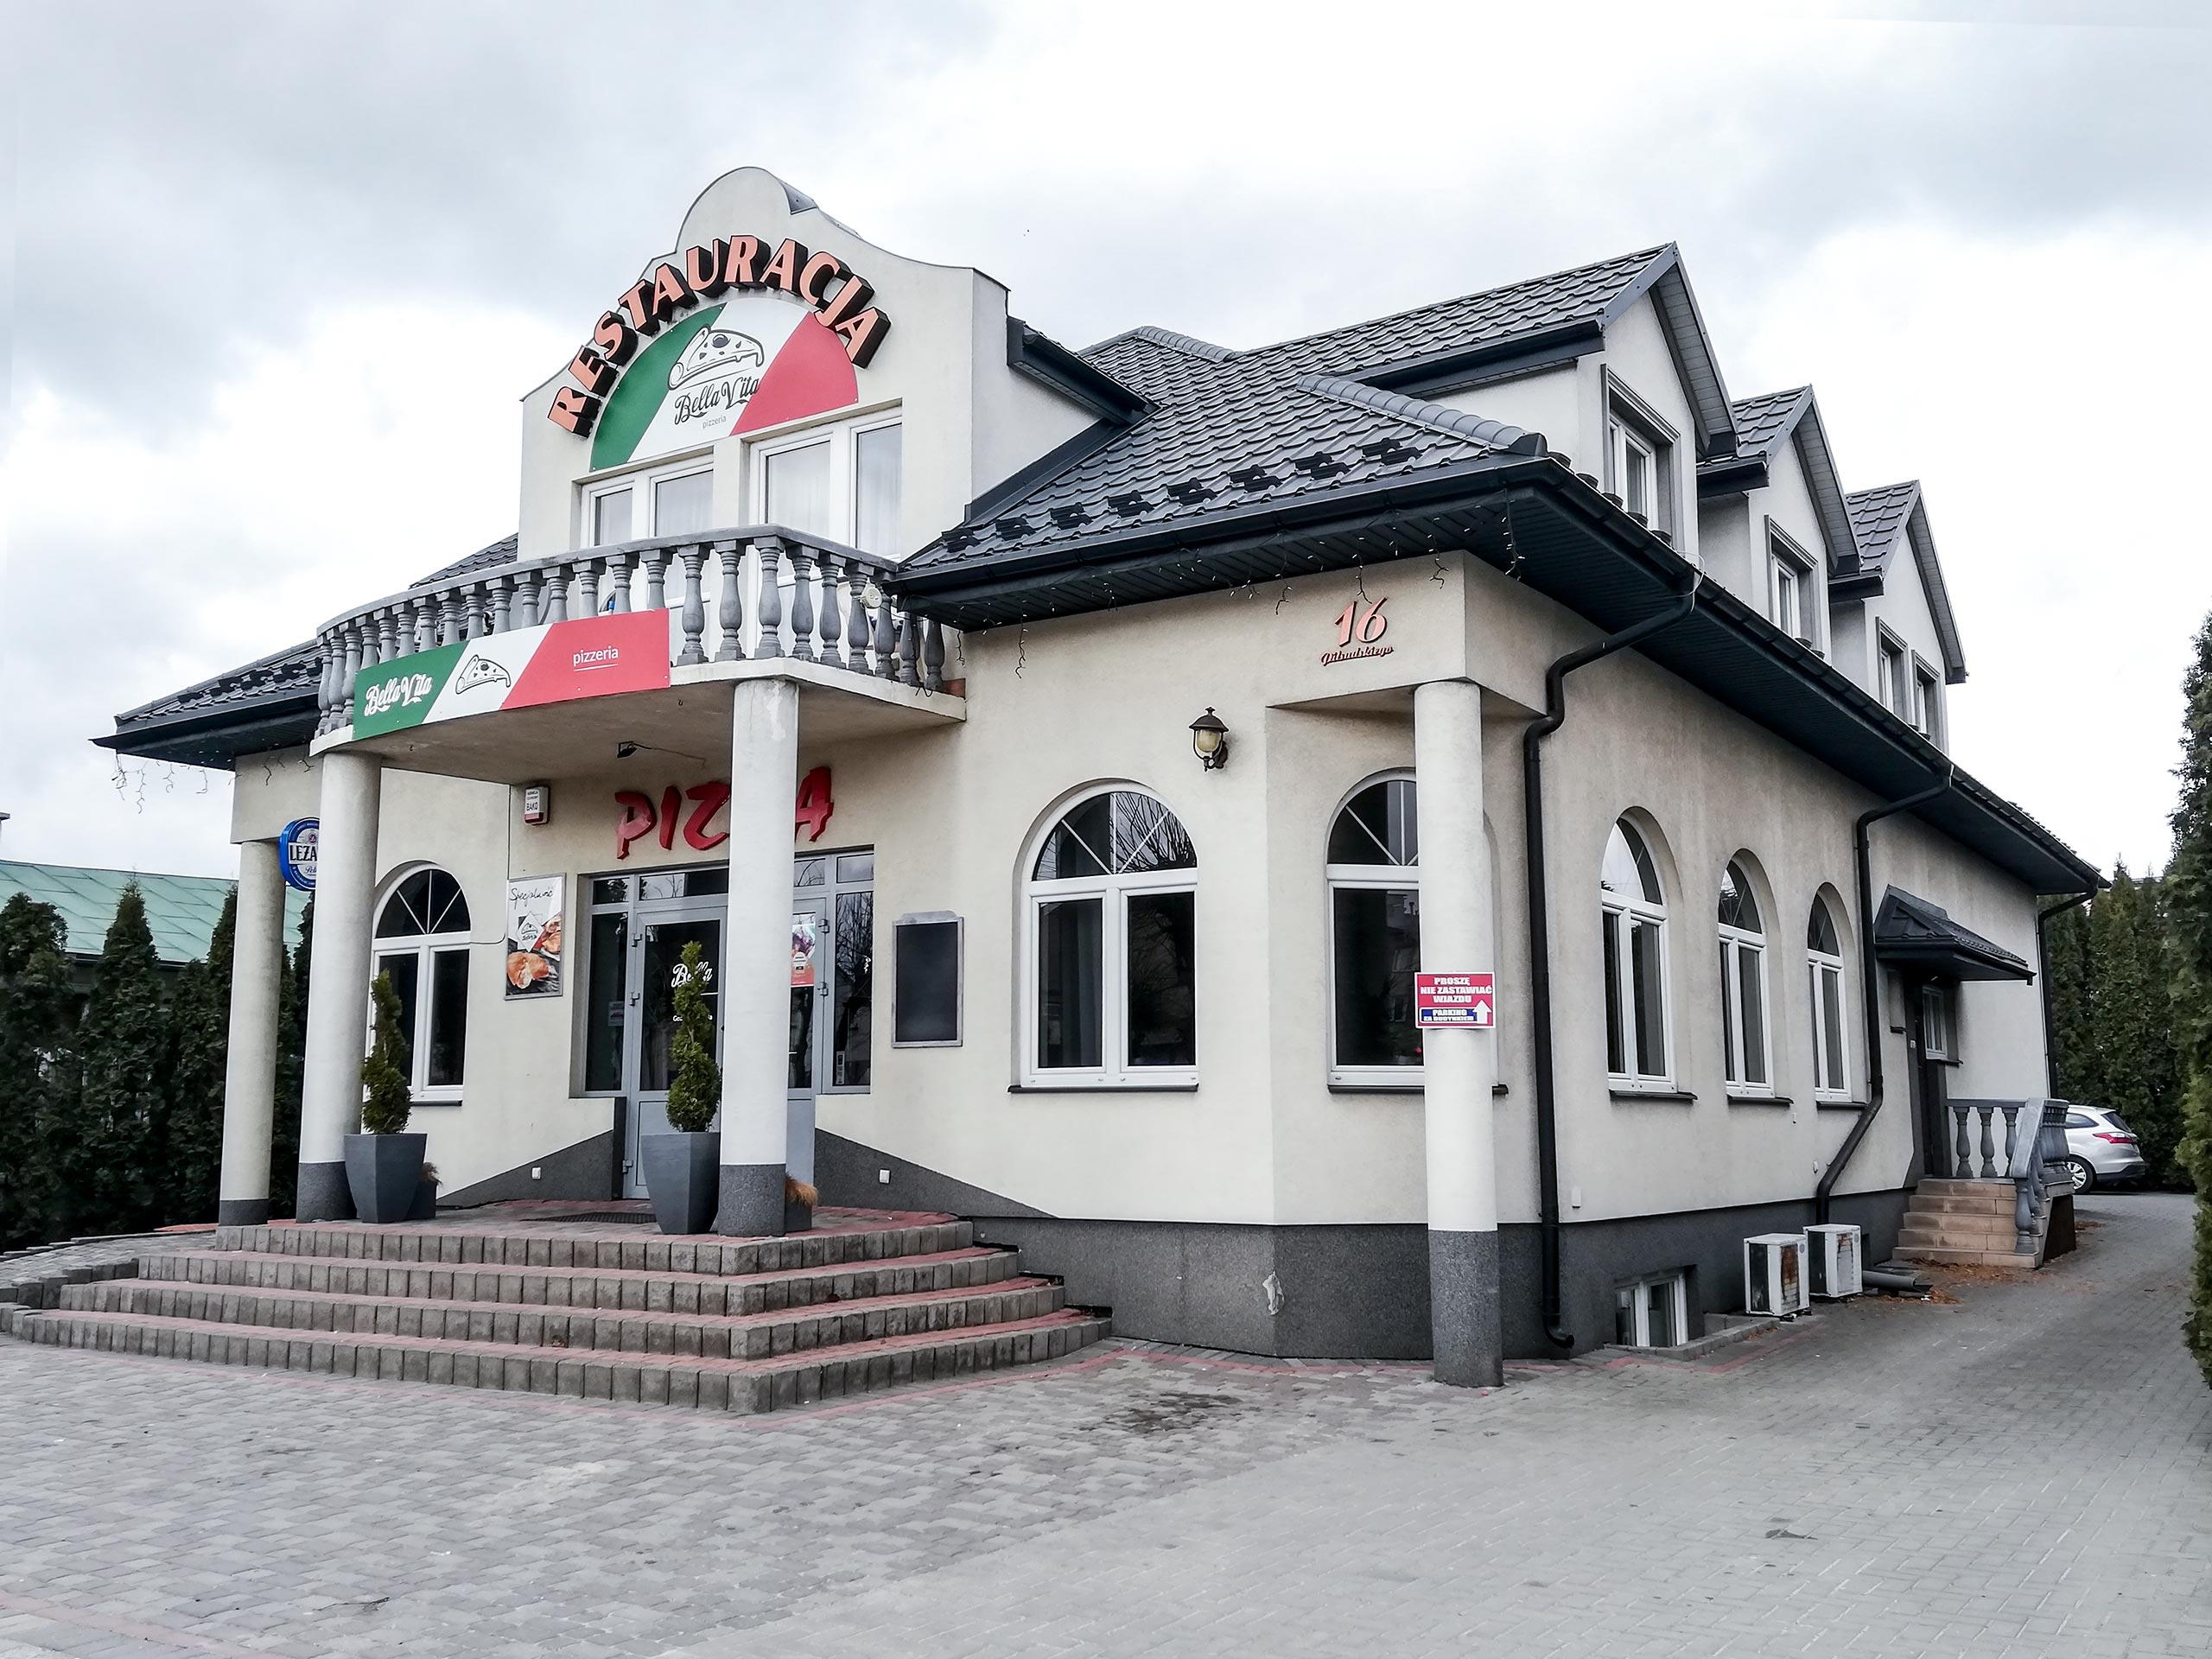 dom usługowo-mieszkalny Tomaszów Lubelski - dom na sprzedaż - Krzysztof Górski Nieruchomości Zamość